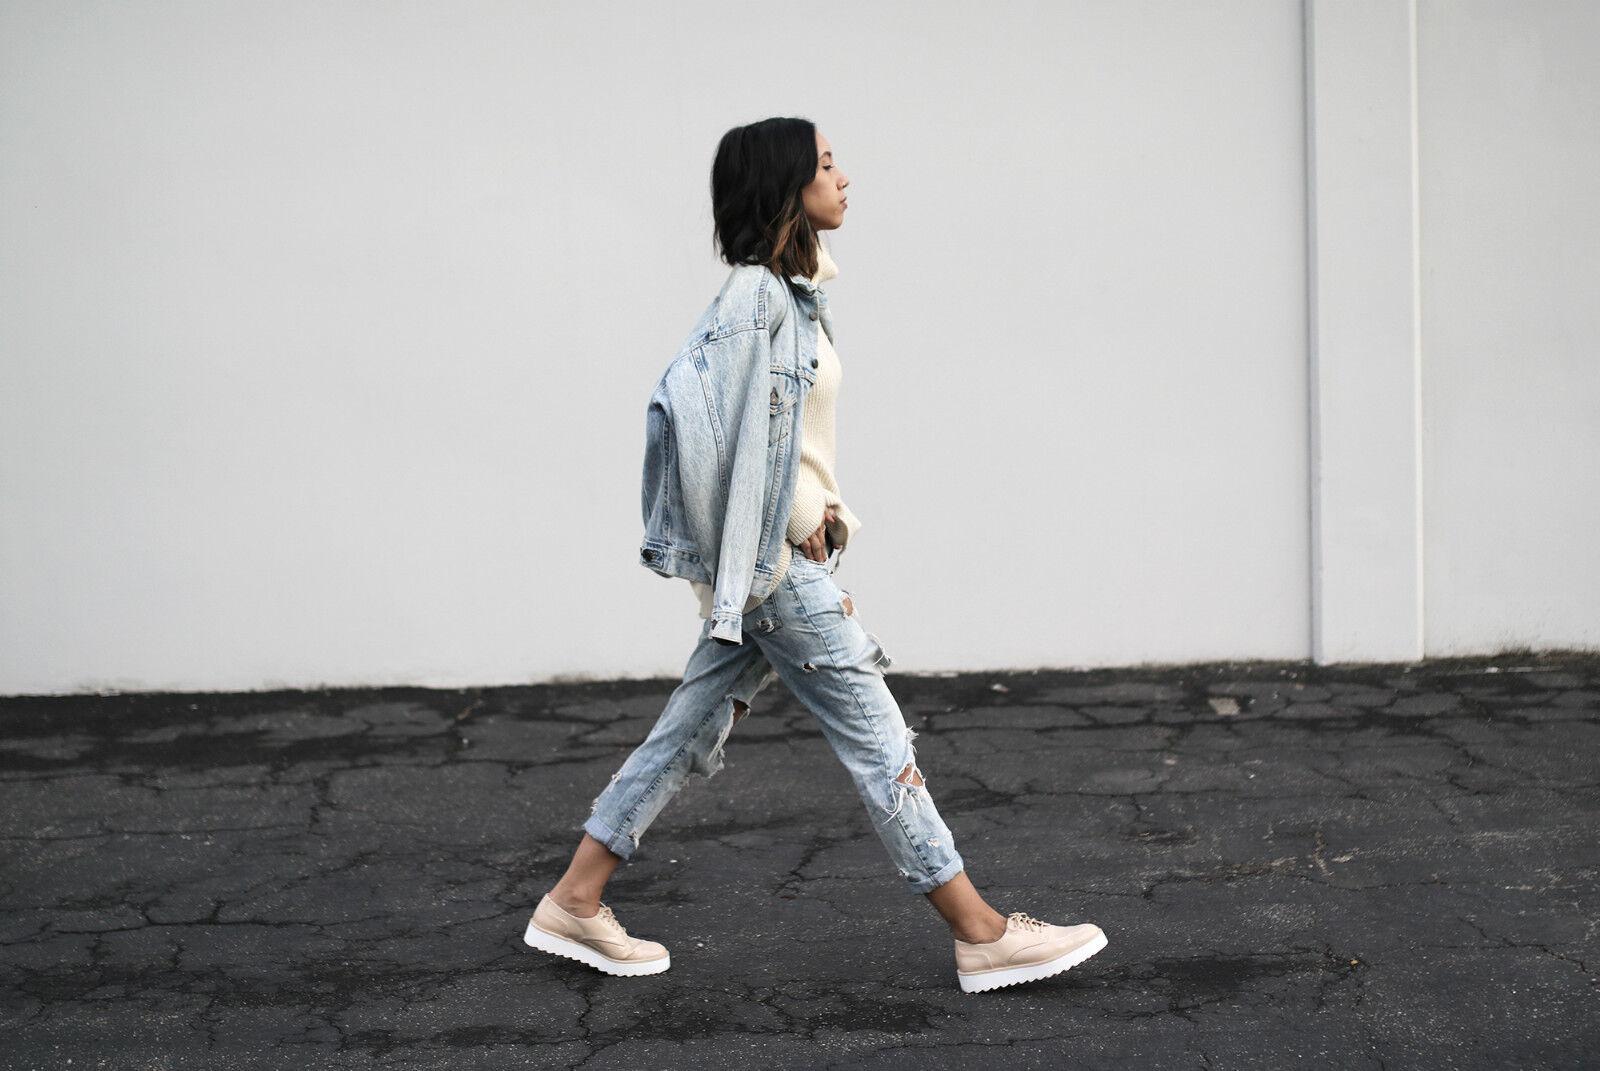 ZARA NUDE NUDE NUDE FLAT PLATFORM LACE-Up zapatos, Talla 41  más vendido